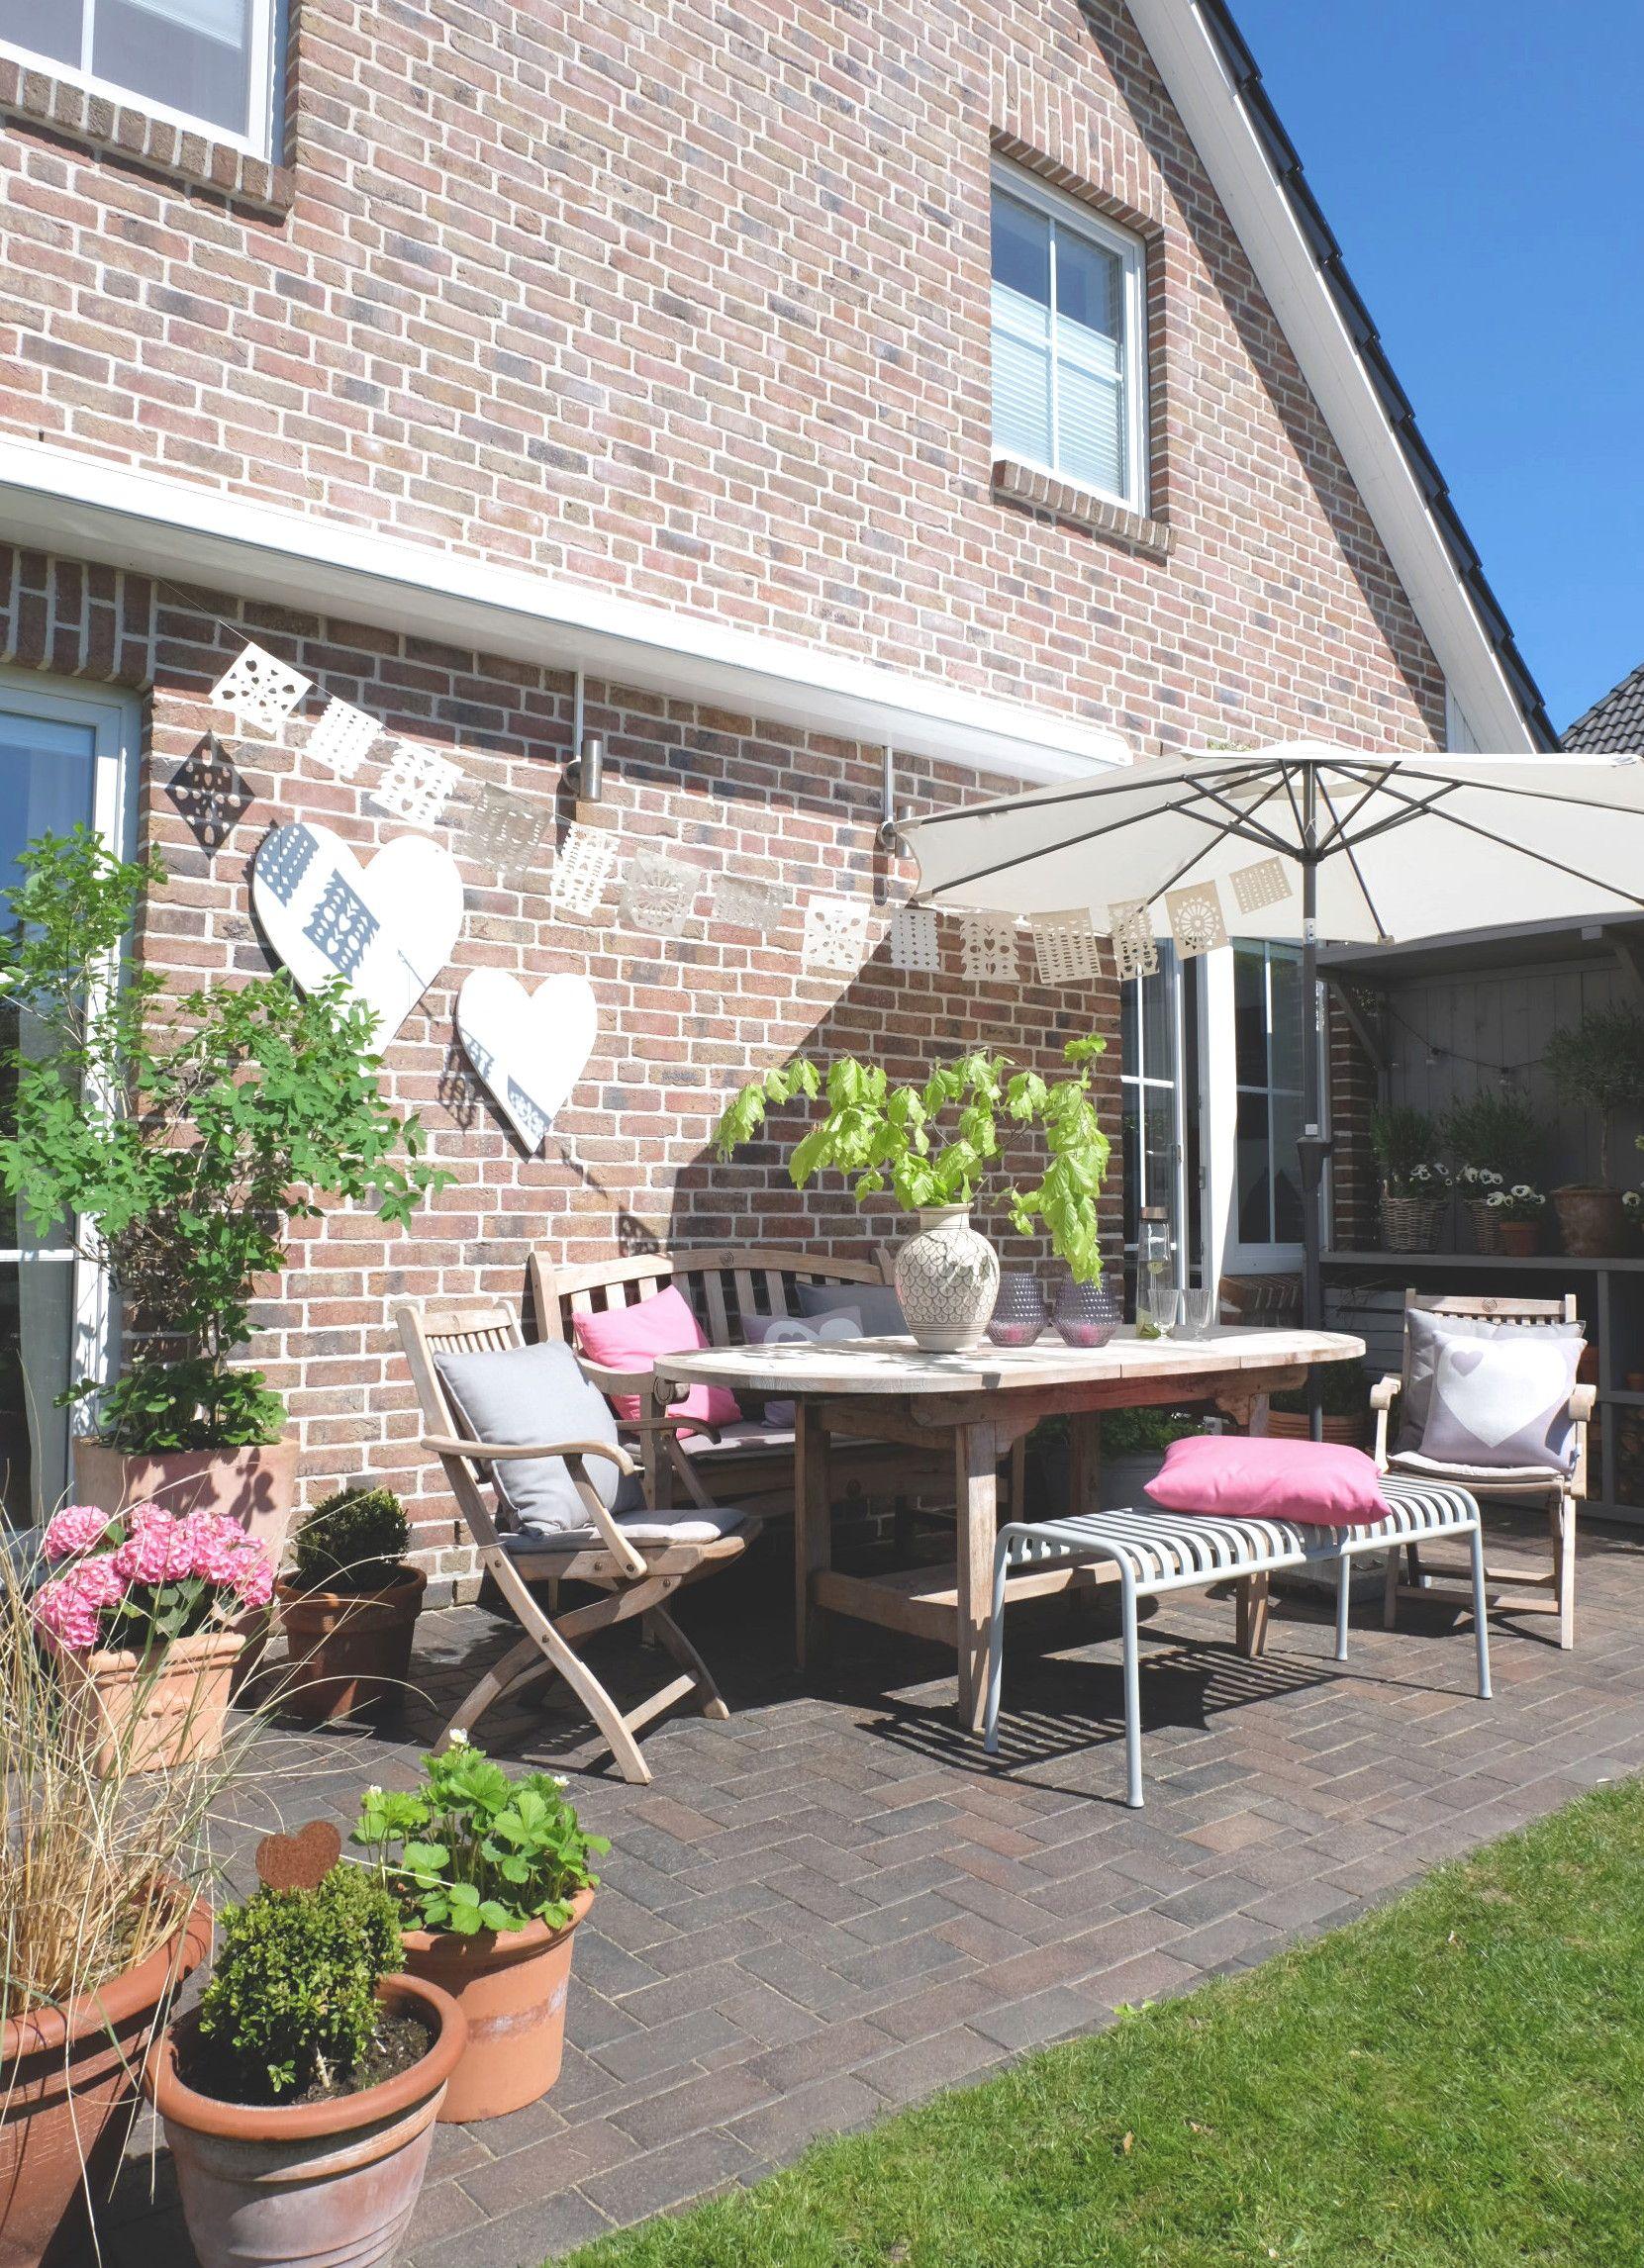 10 Tipps Für Den Garten Im Frühling Gartendeko, Terrasse, Garten,  Gestalten, Frühling